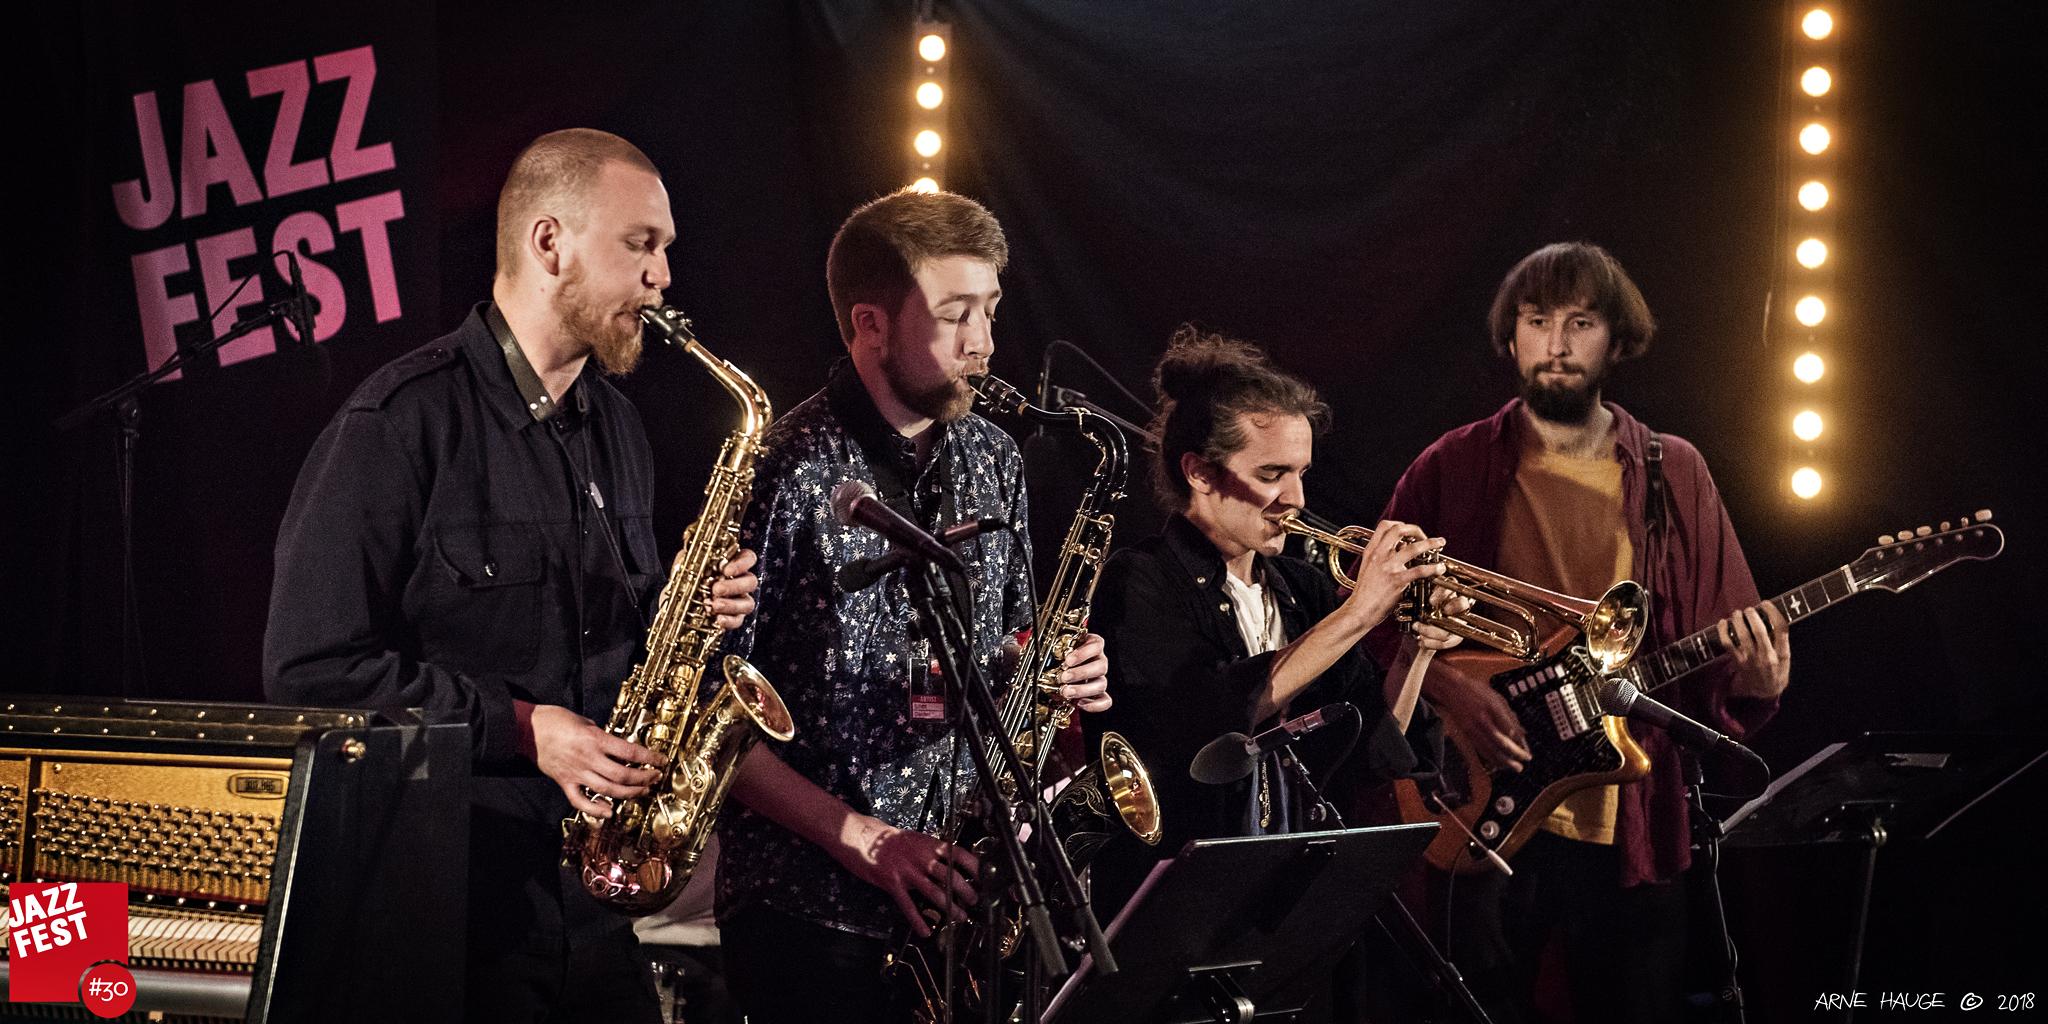 180512_Cheltenham Trondheim Jazz Exchange - Ensemble 2_TMP_001.JPG